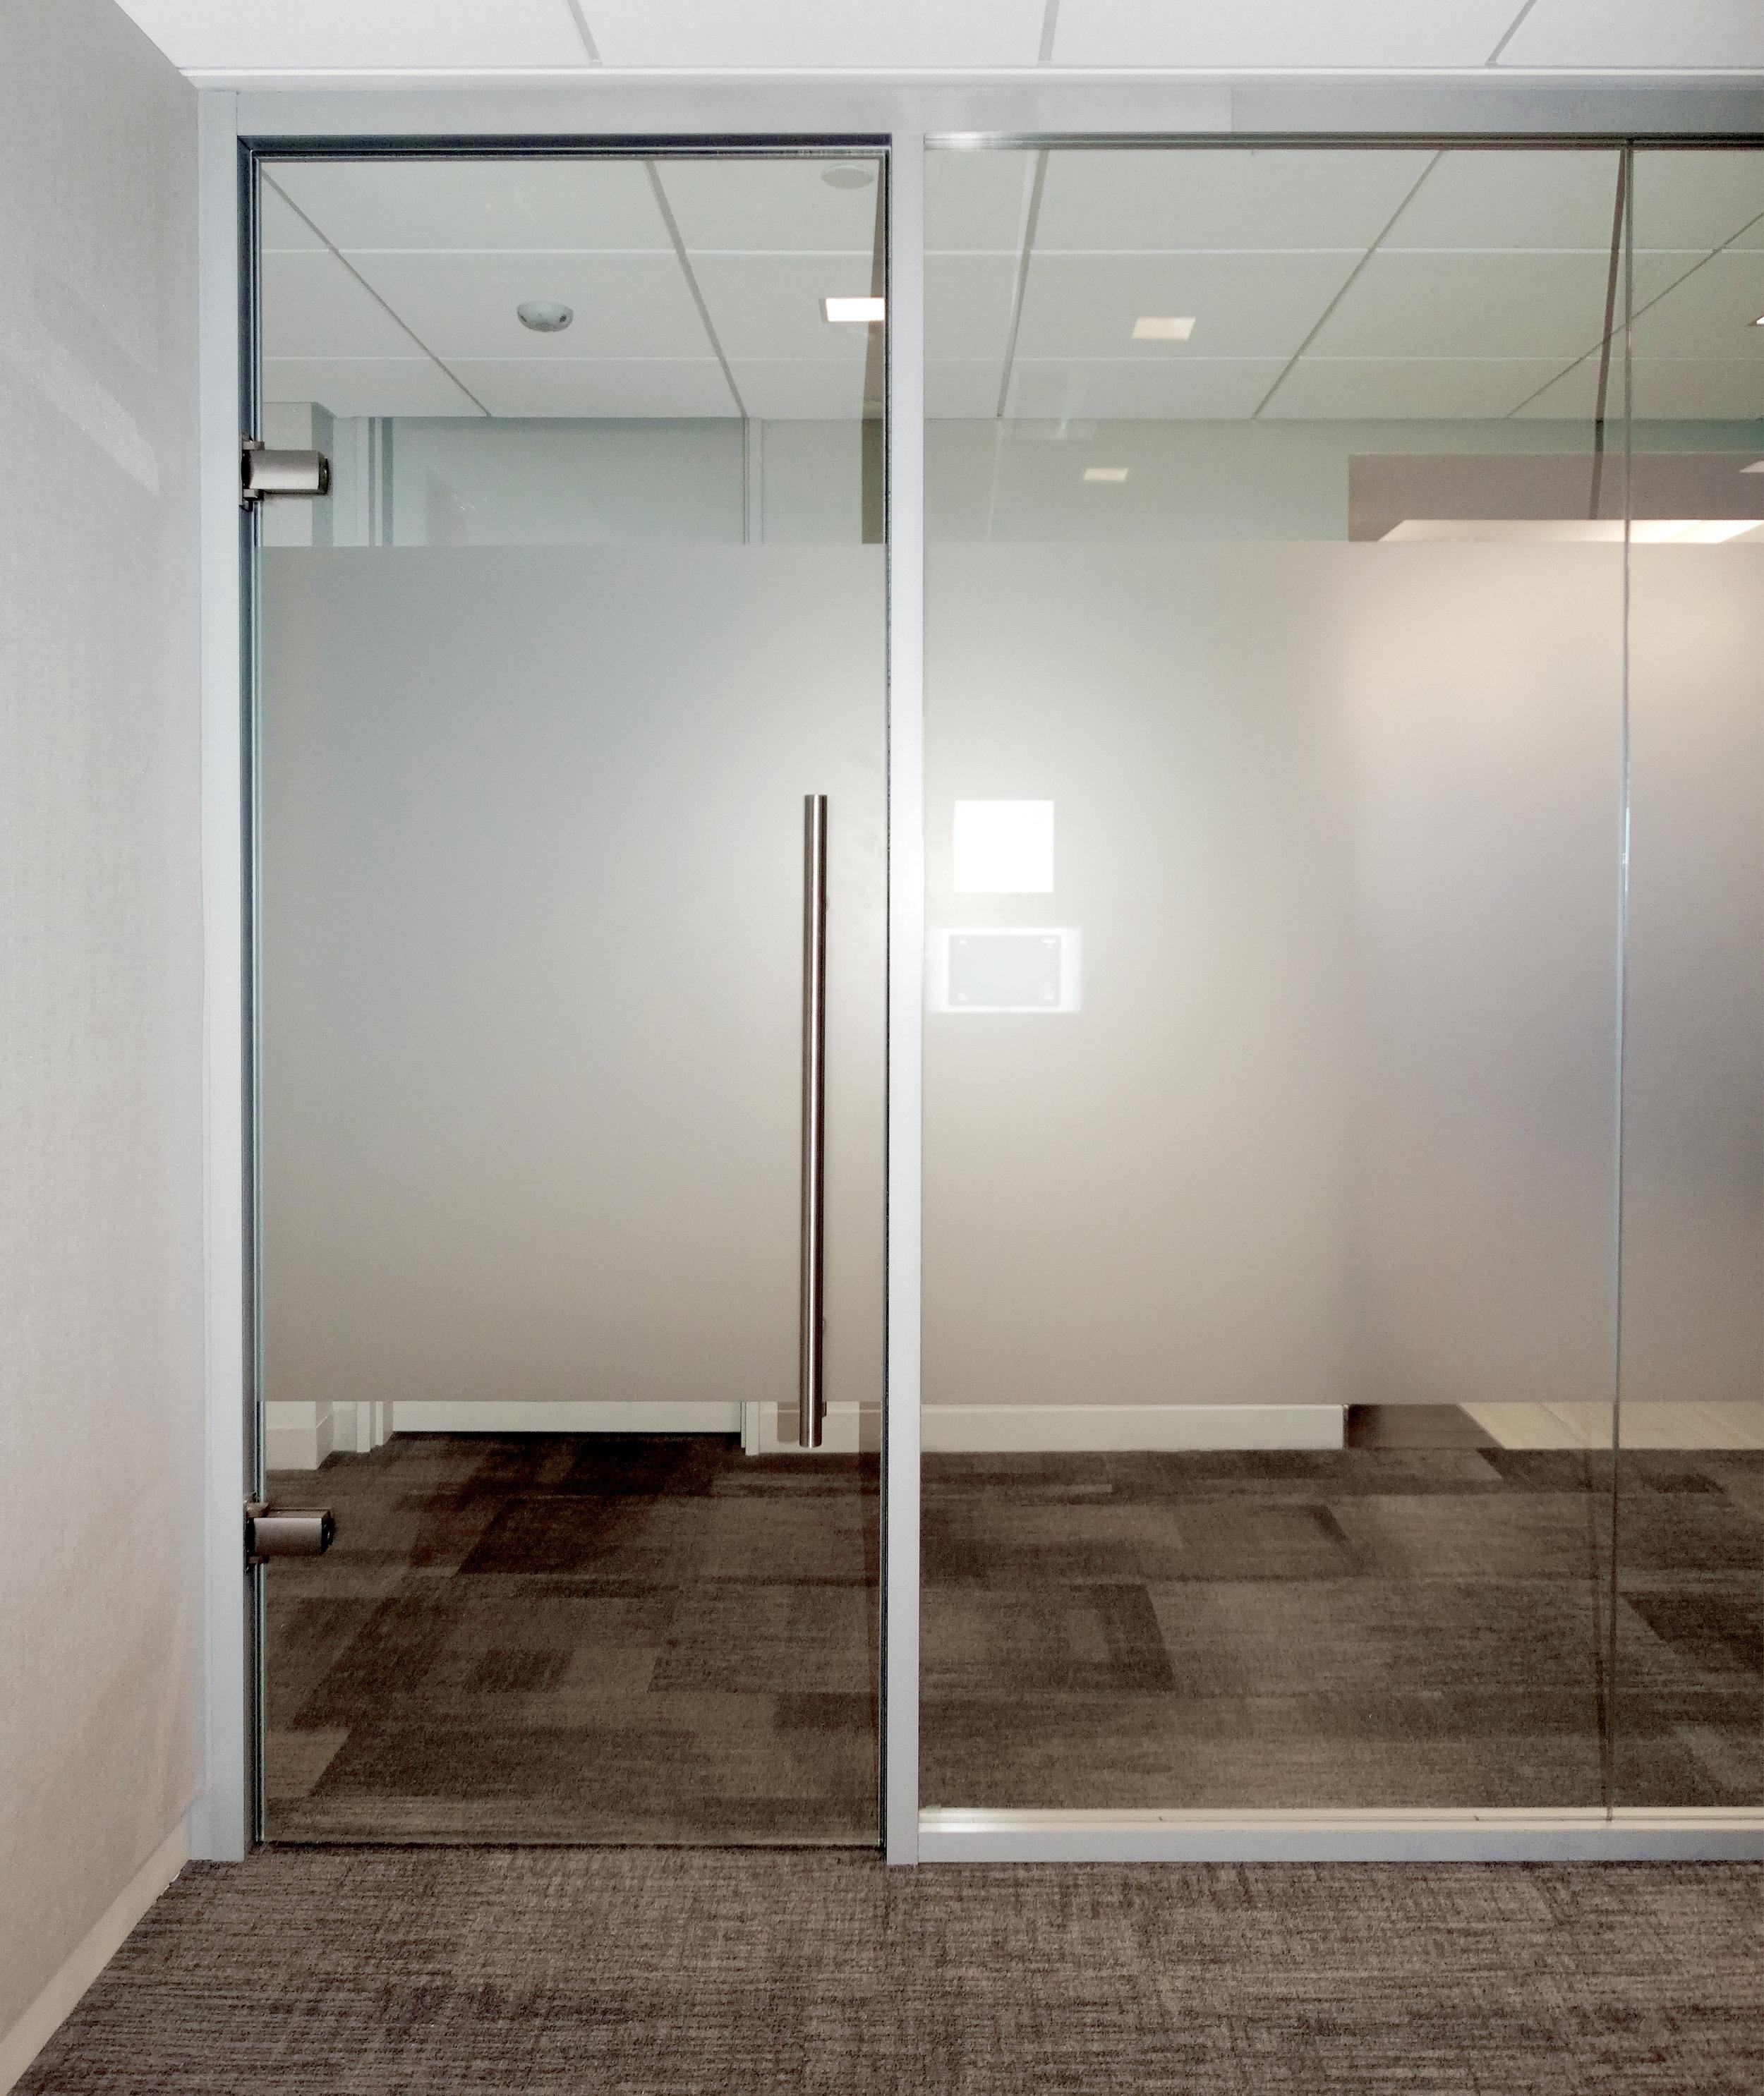 Litespace Demountable Aluminum Framing System Frameless Glass Door - Spaceworks AI.jpg